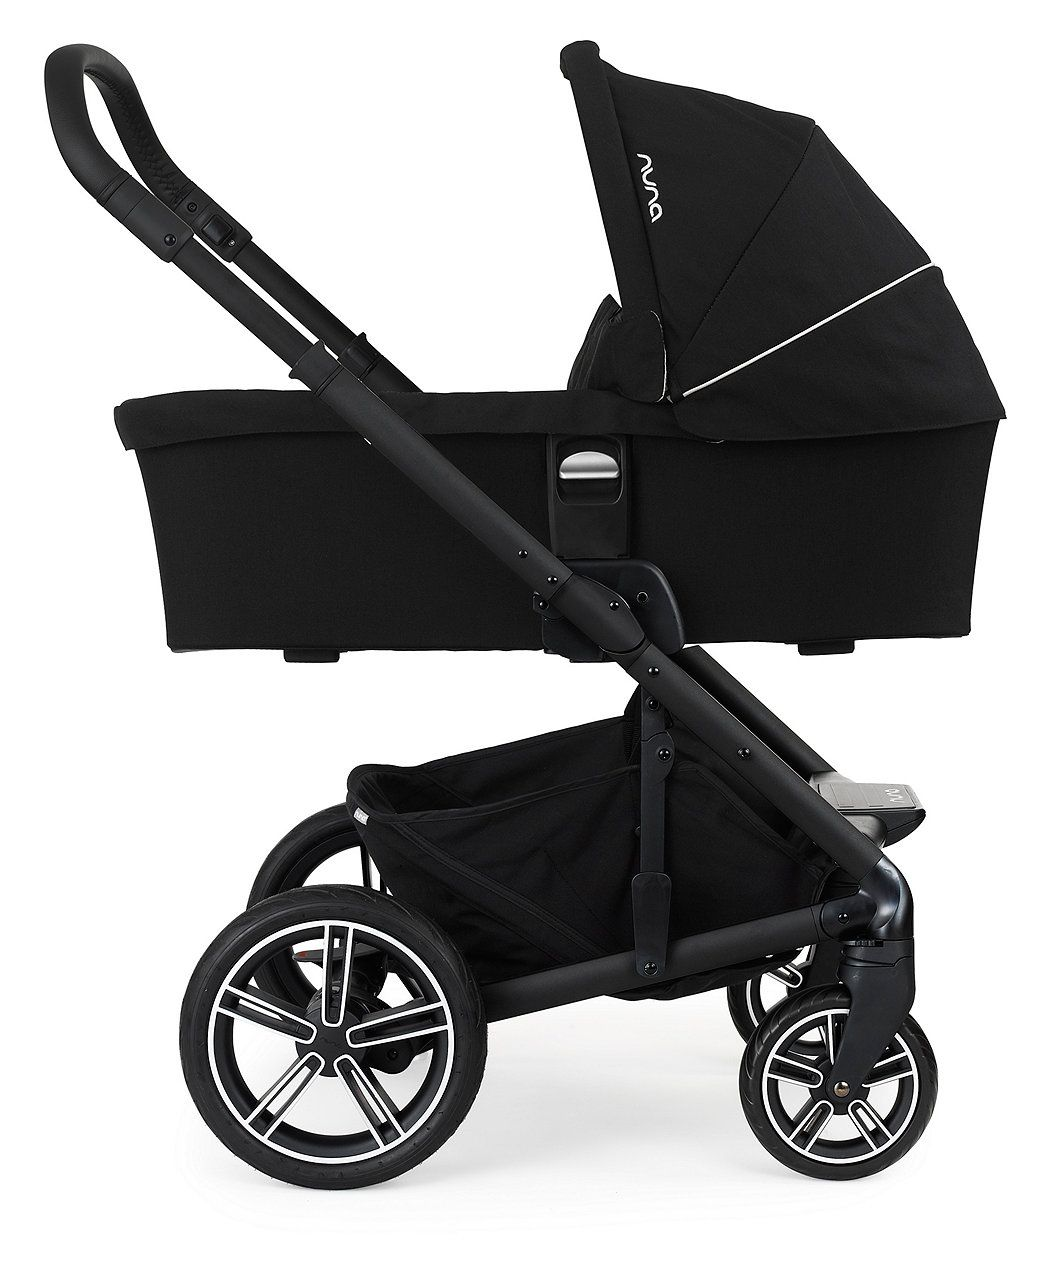 14+ Best baby stroller nuna information